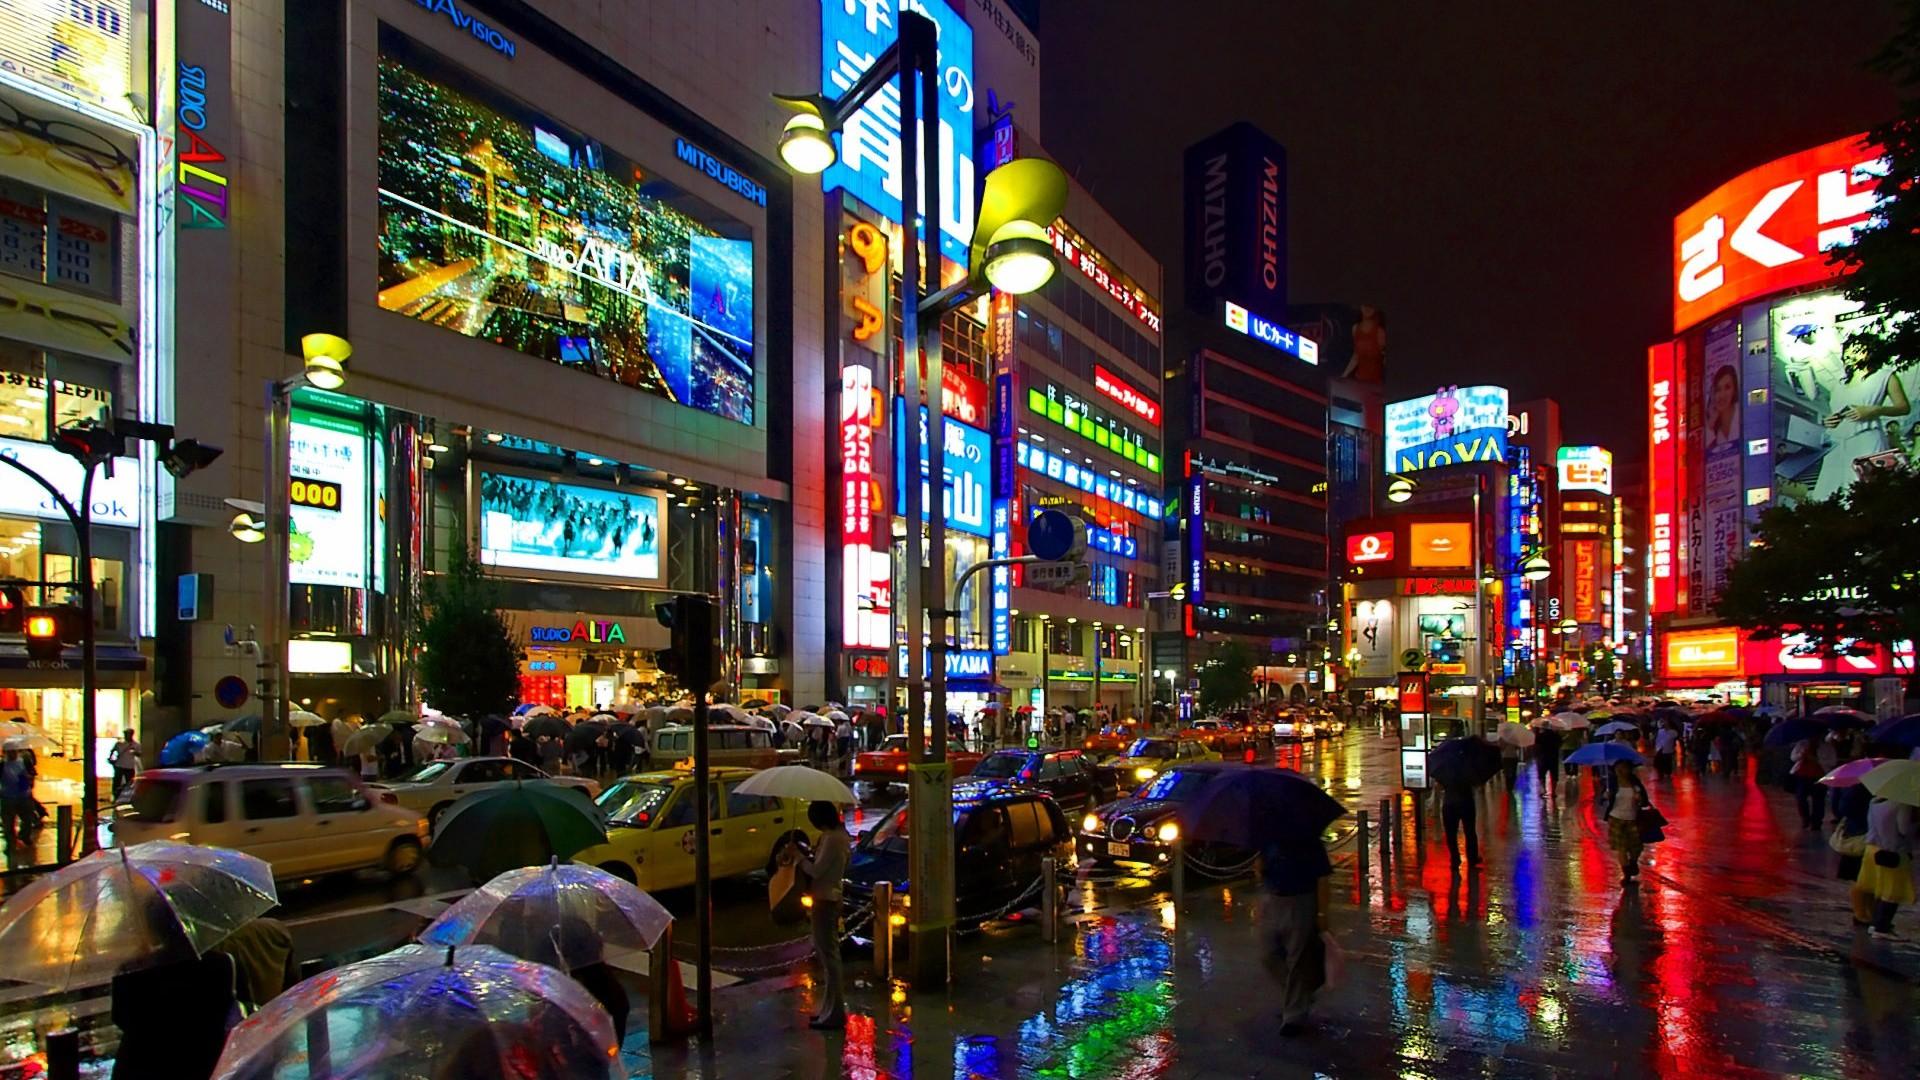 Japan City Streets At Night